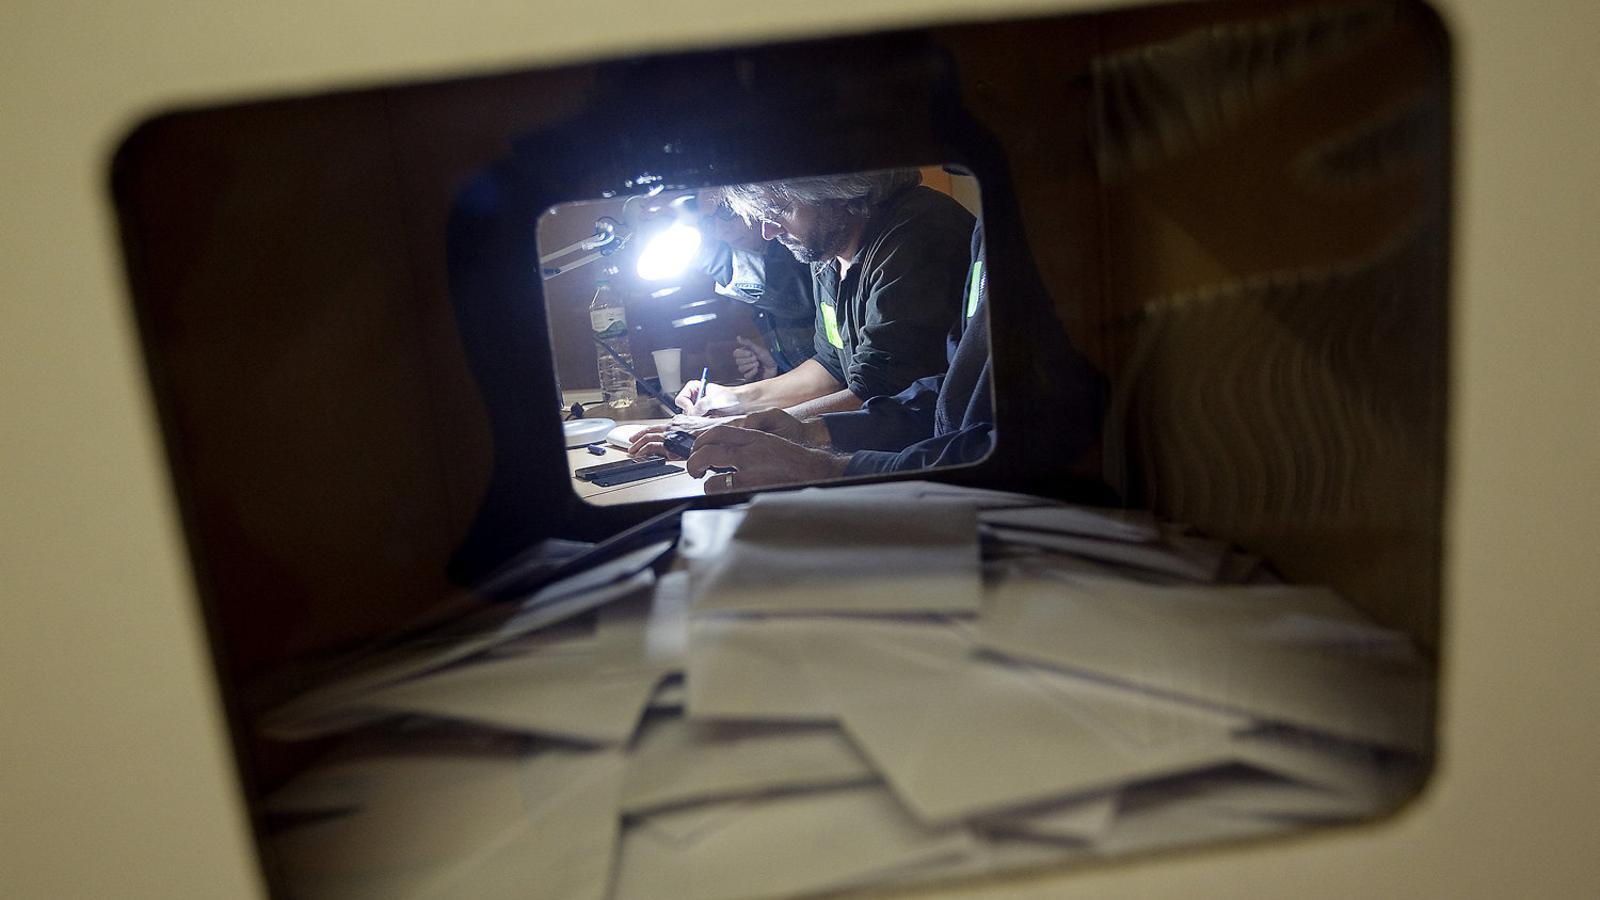 La fiscalia acusa els membres de la Sindicatura Electoral de l'1-O de delictes que comporten presó